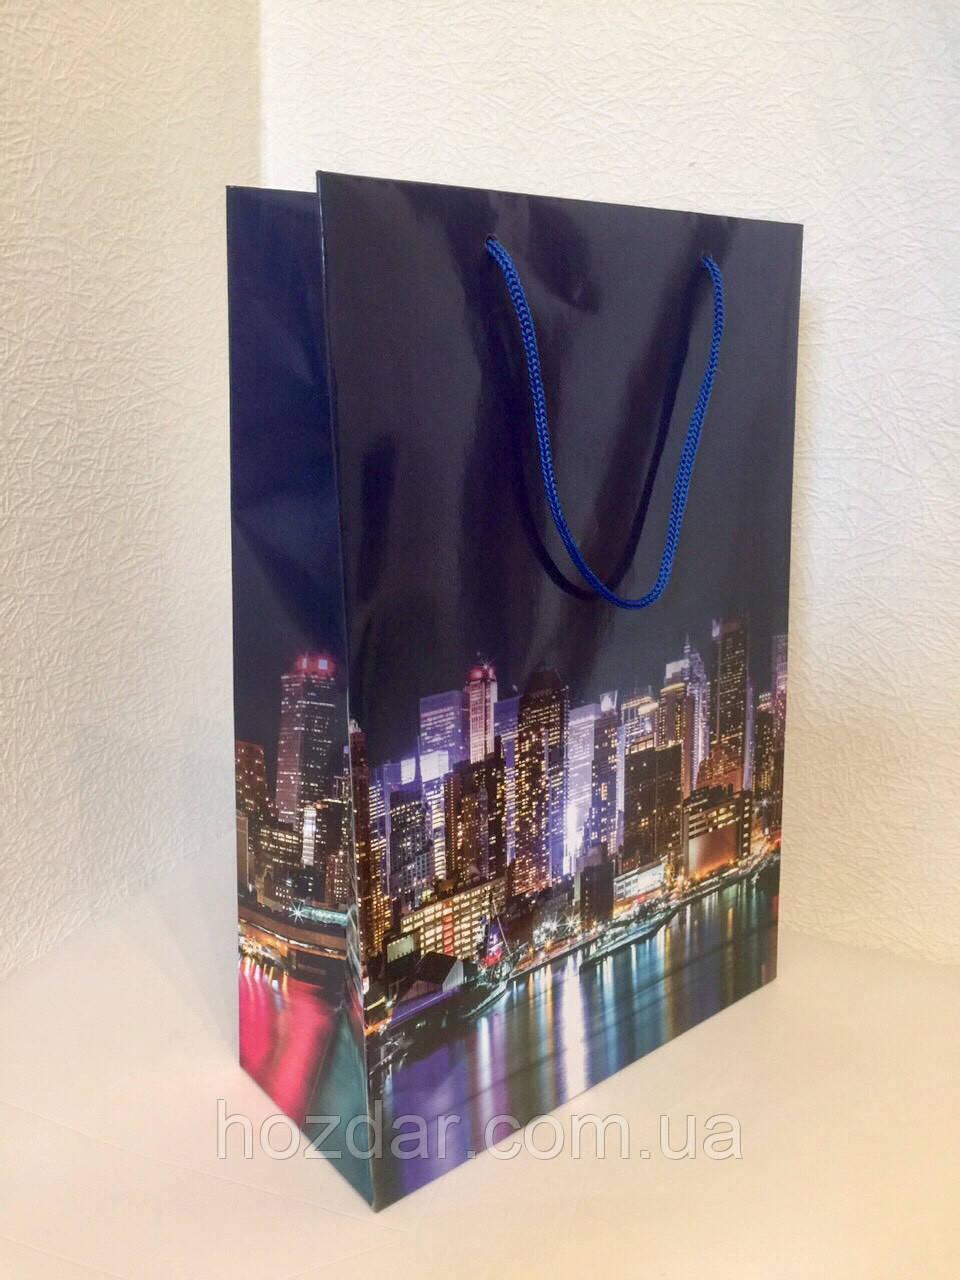 Пакет подарочный бумажный формат А 4 21х31х9 (30-003)